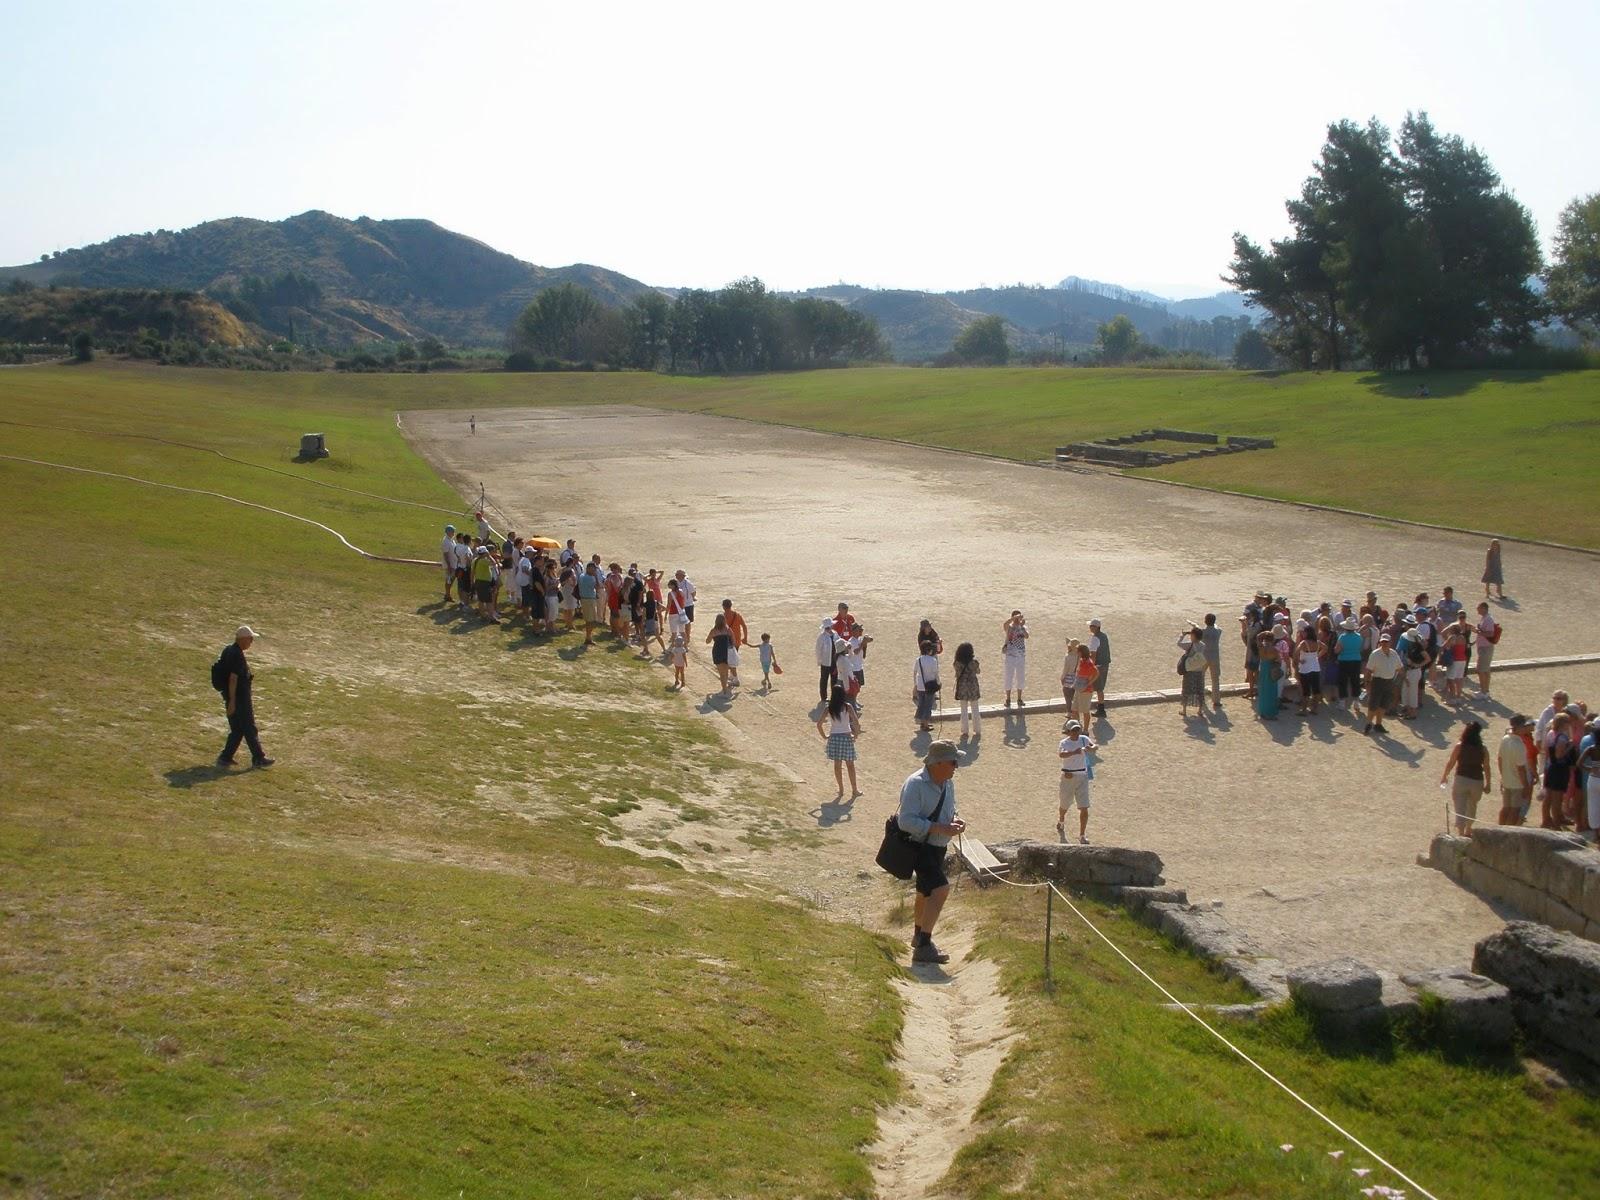 Ruinas Estadio Olímpico de Olimpia, donde se celebraron los primeros Juegos Olímpicos de la historia.